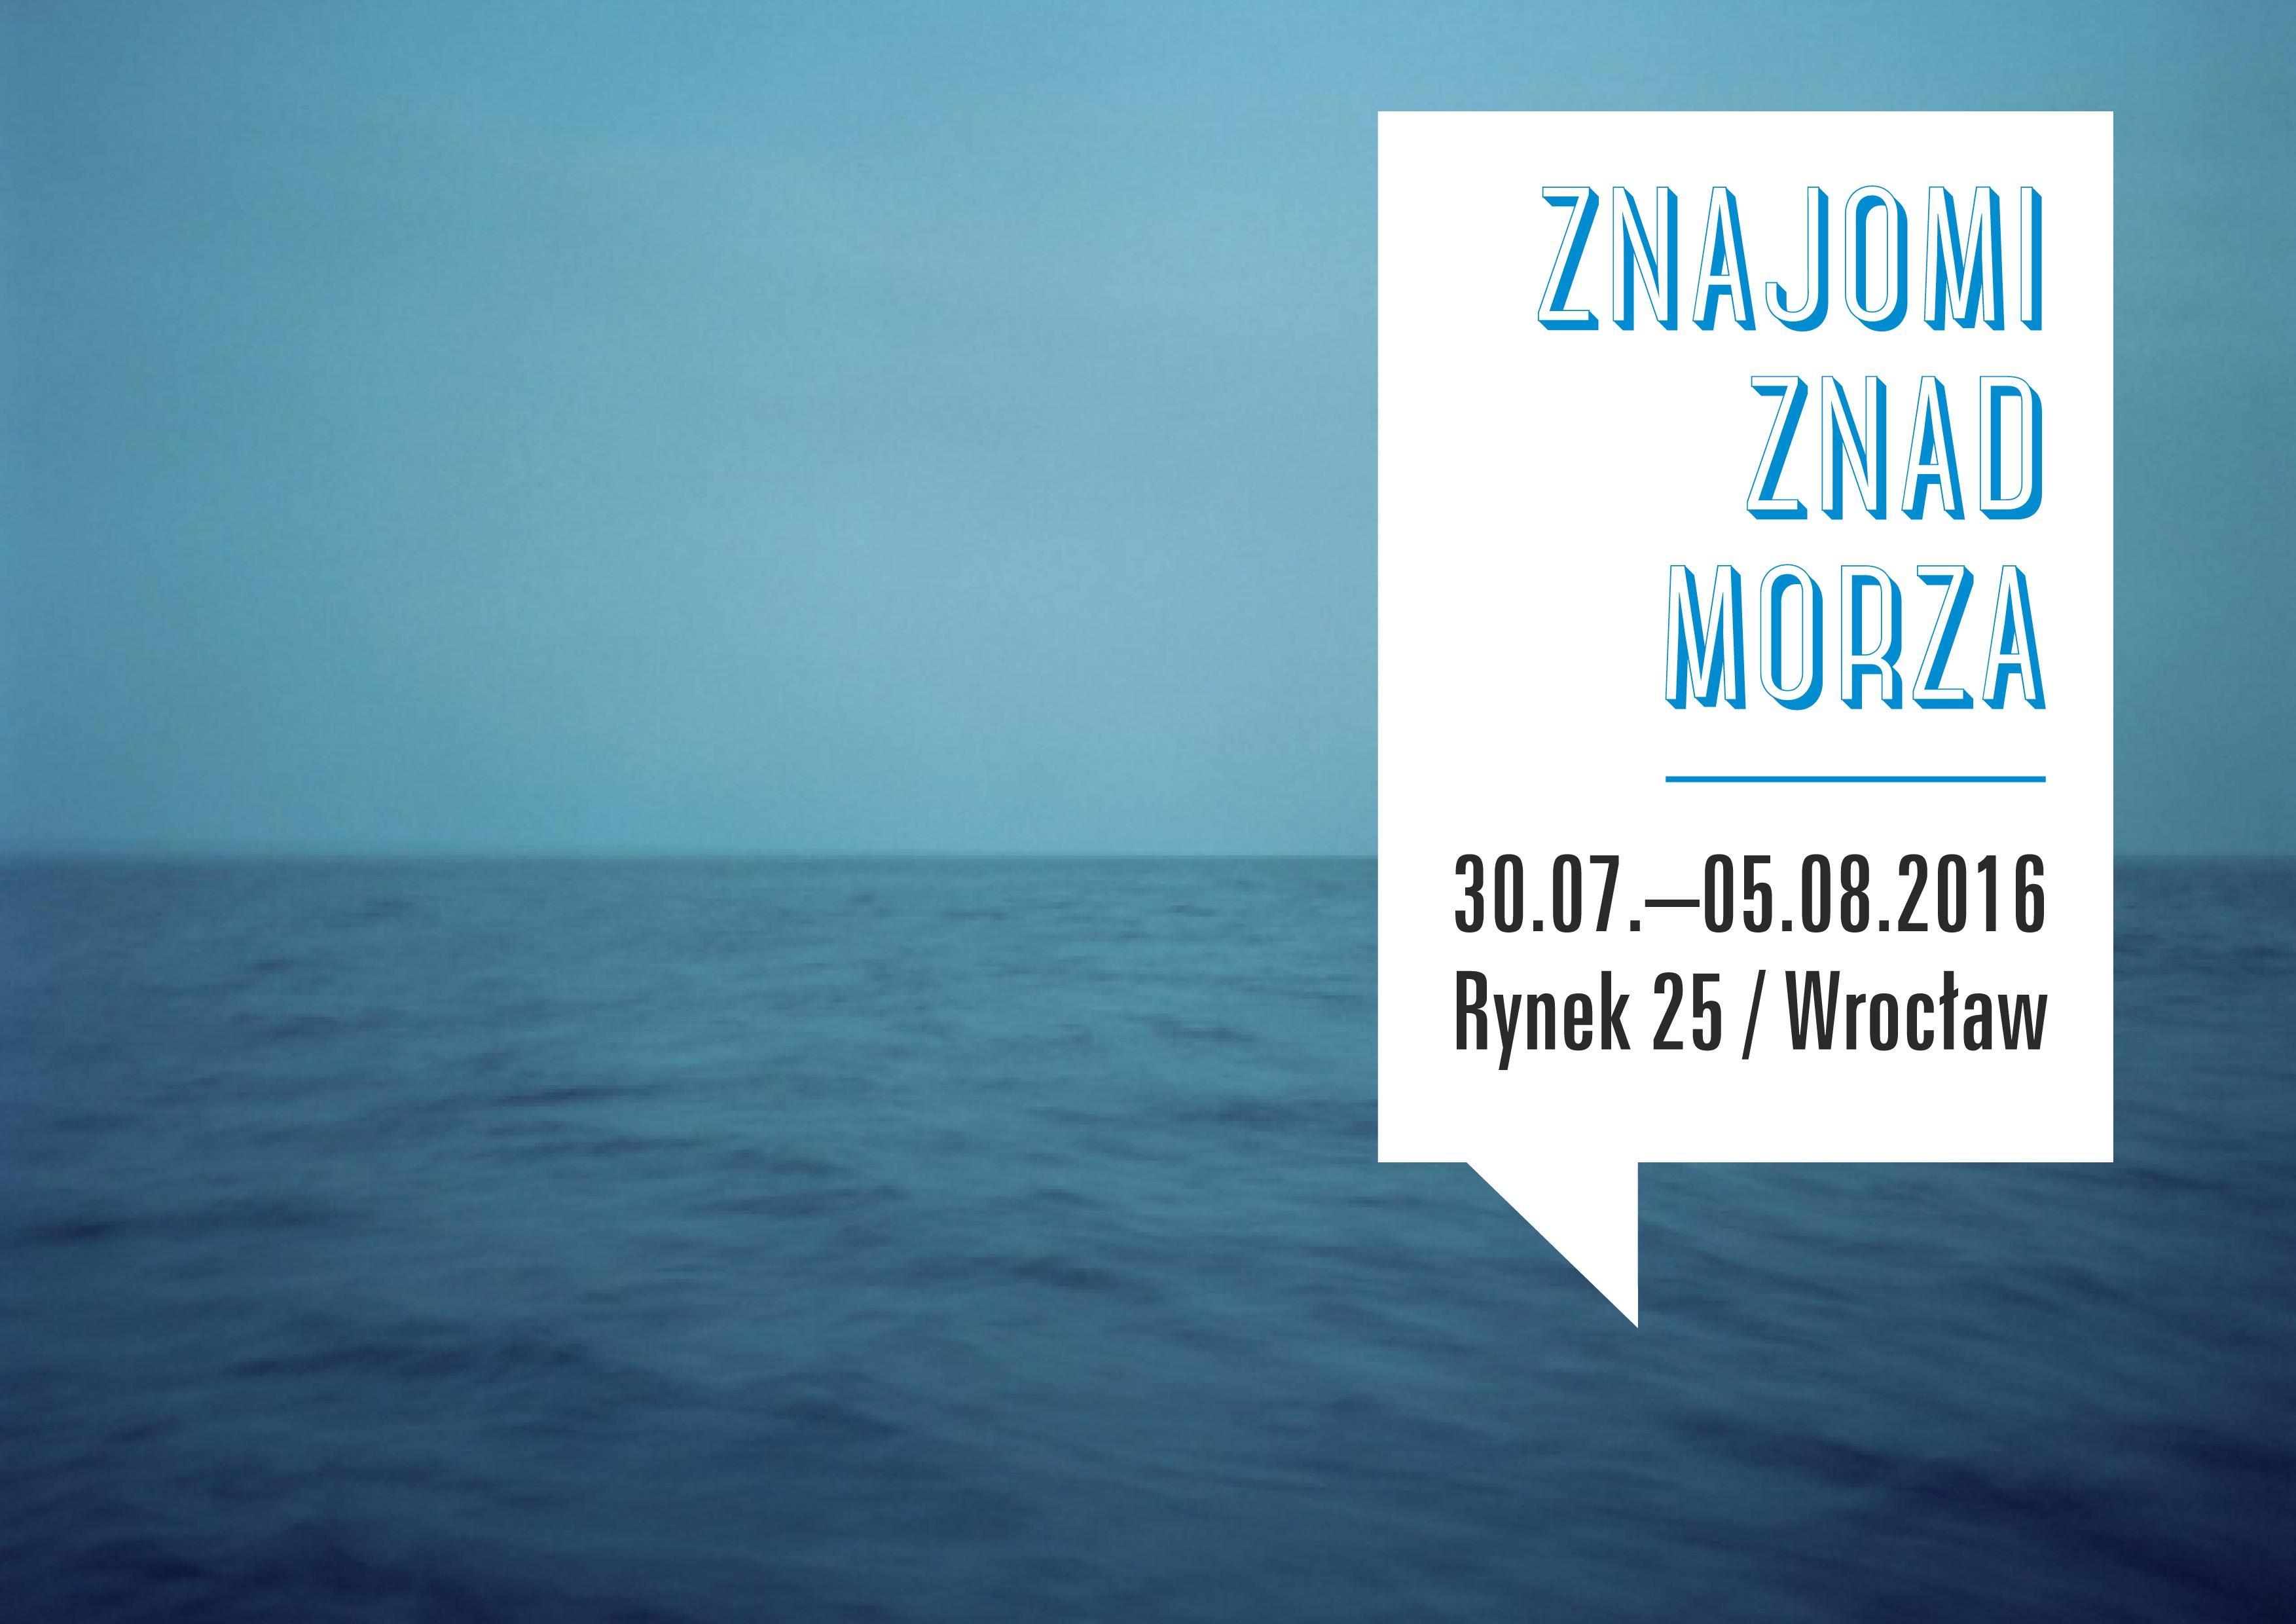 plansza_morze